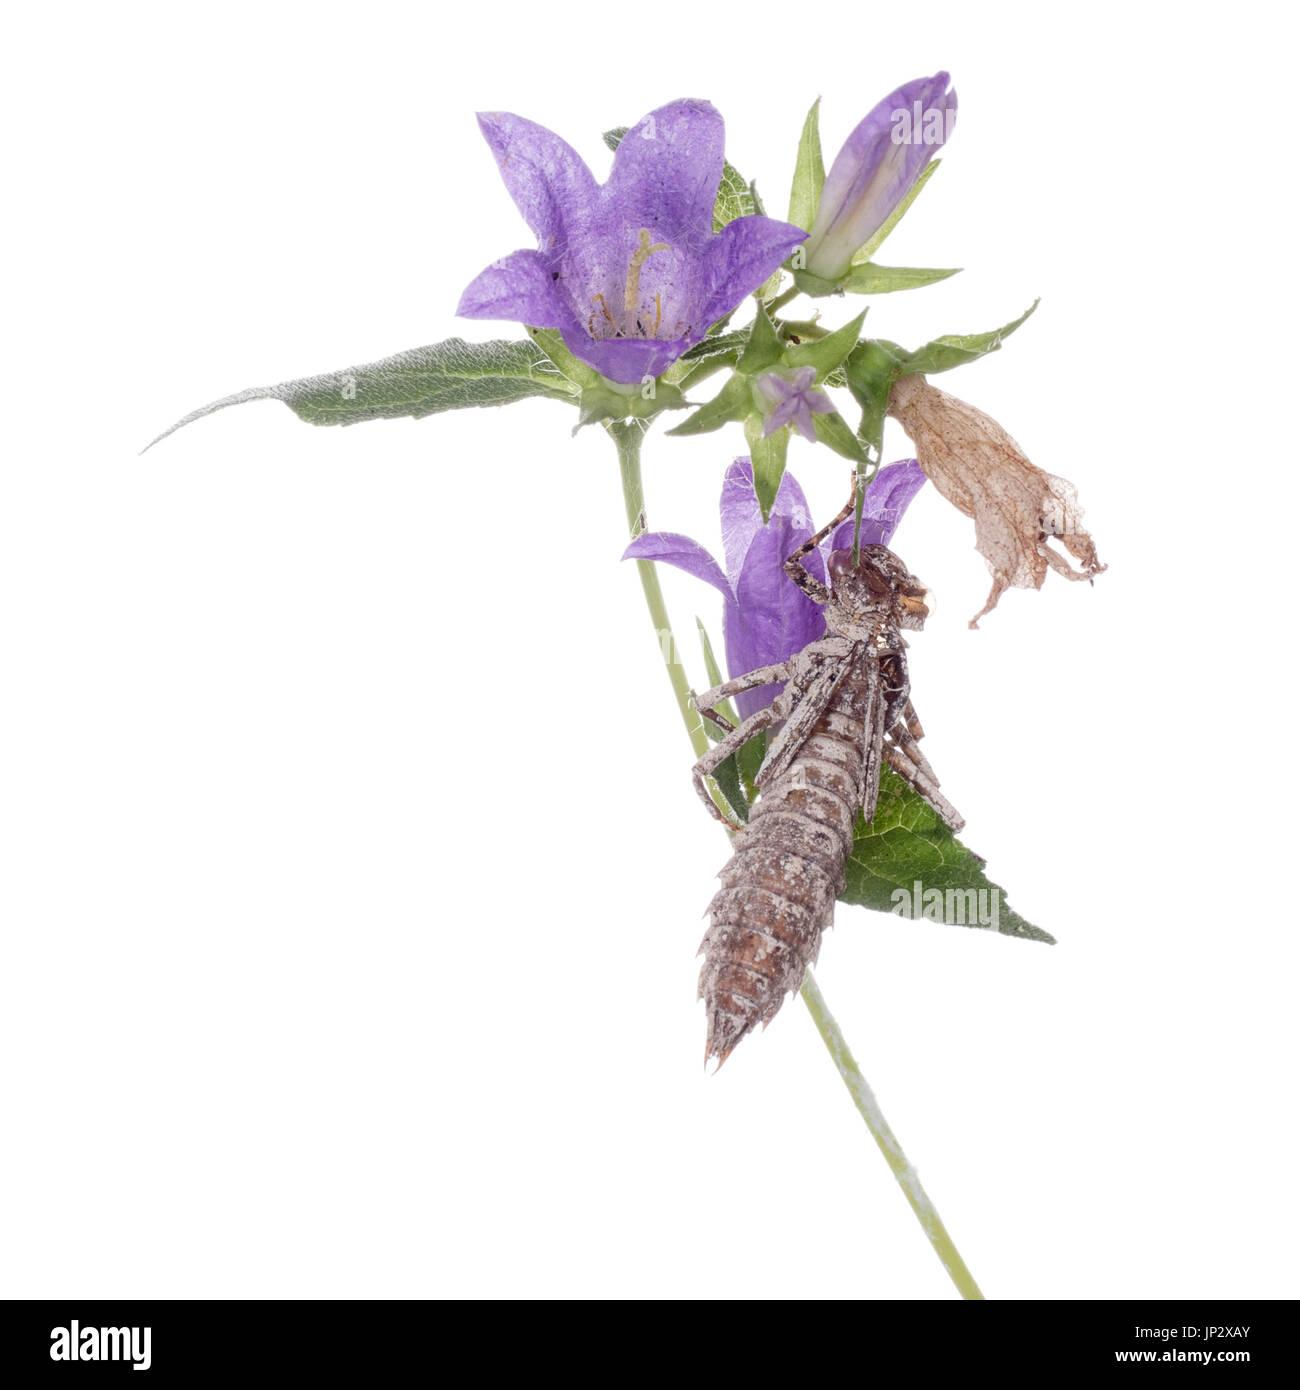 Dragonfly exoskeleton on campanula flower. White background. Metamorphosis. - Stock Image